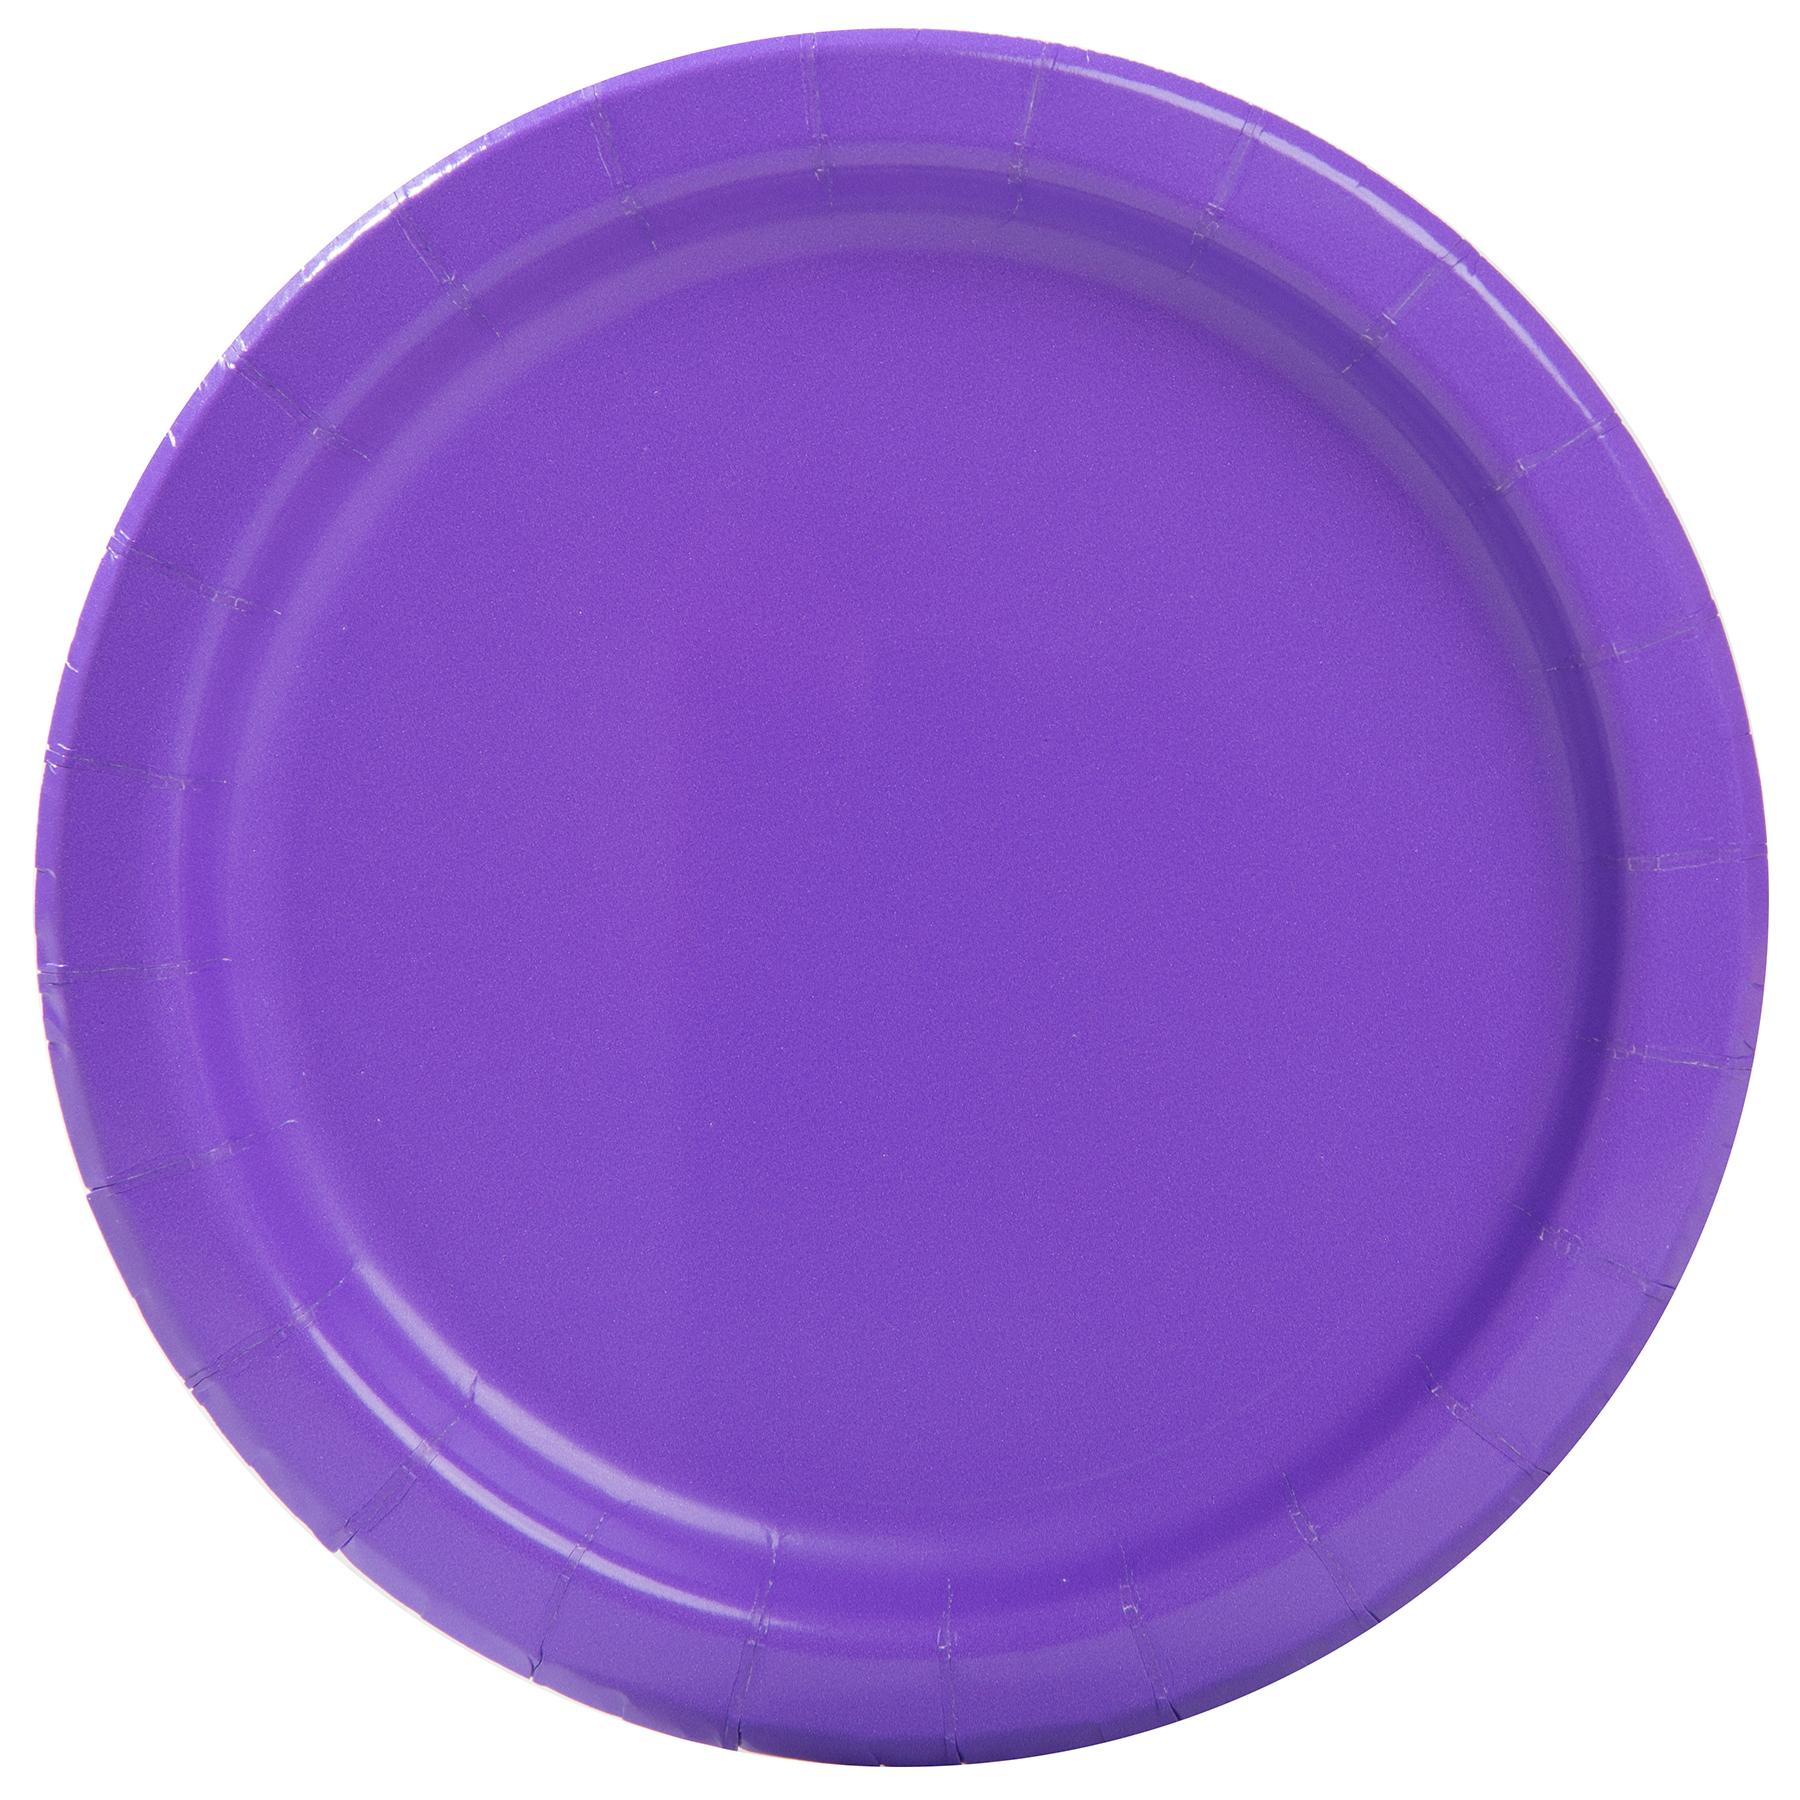 7  Neon Purple Party Plates ...  sc 1 st  Michaels Stores & Neon Purple Paper Cake Plates   Neon Purple Party Supplies